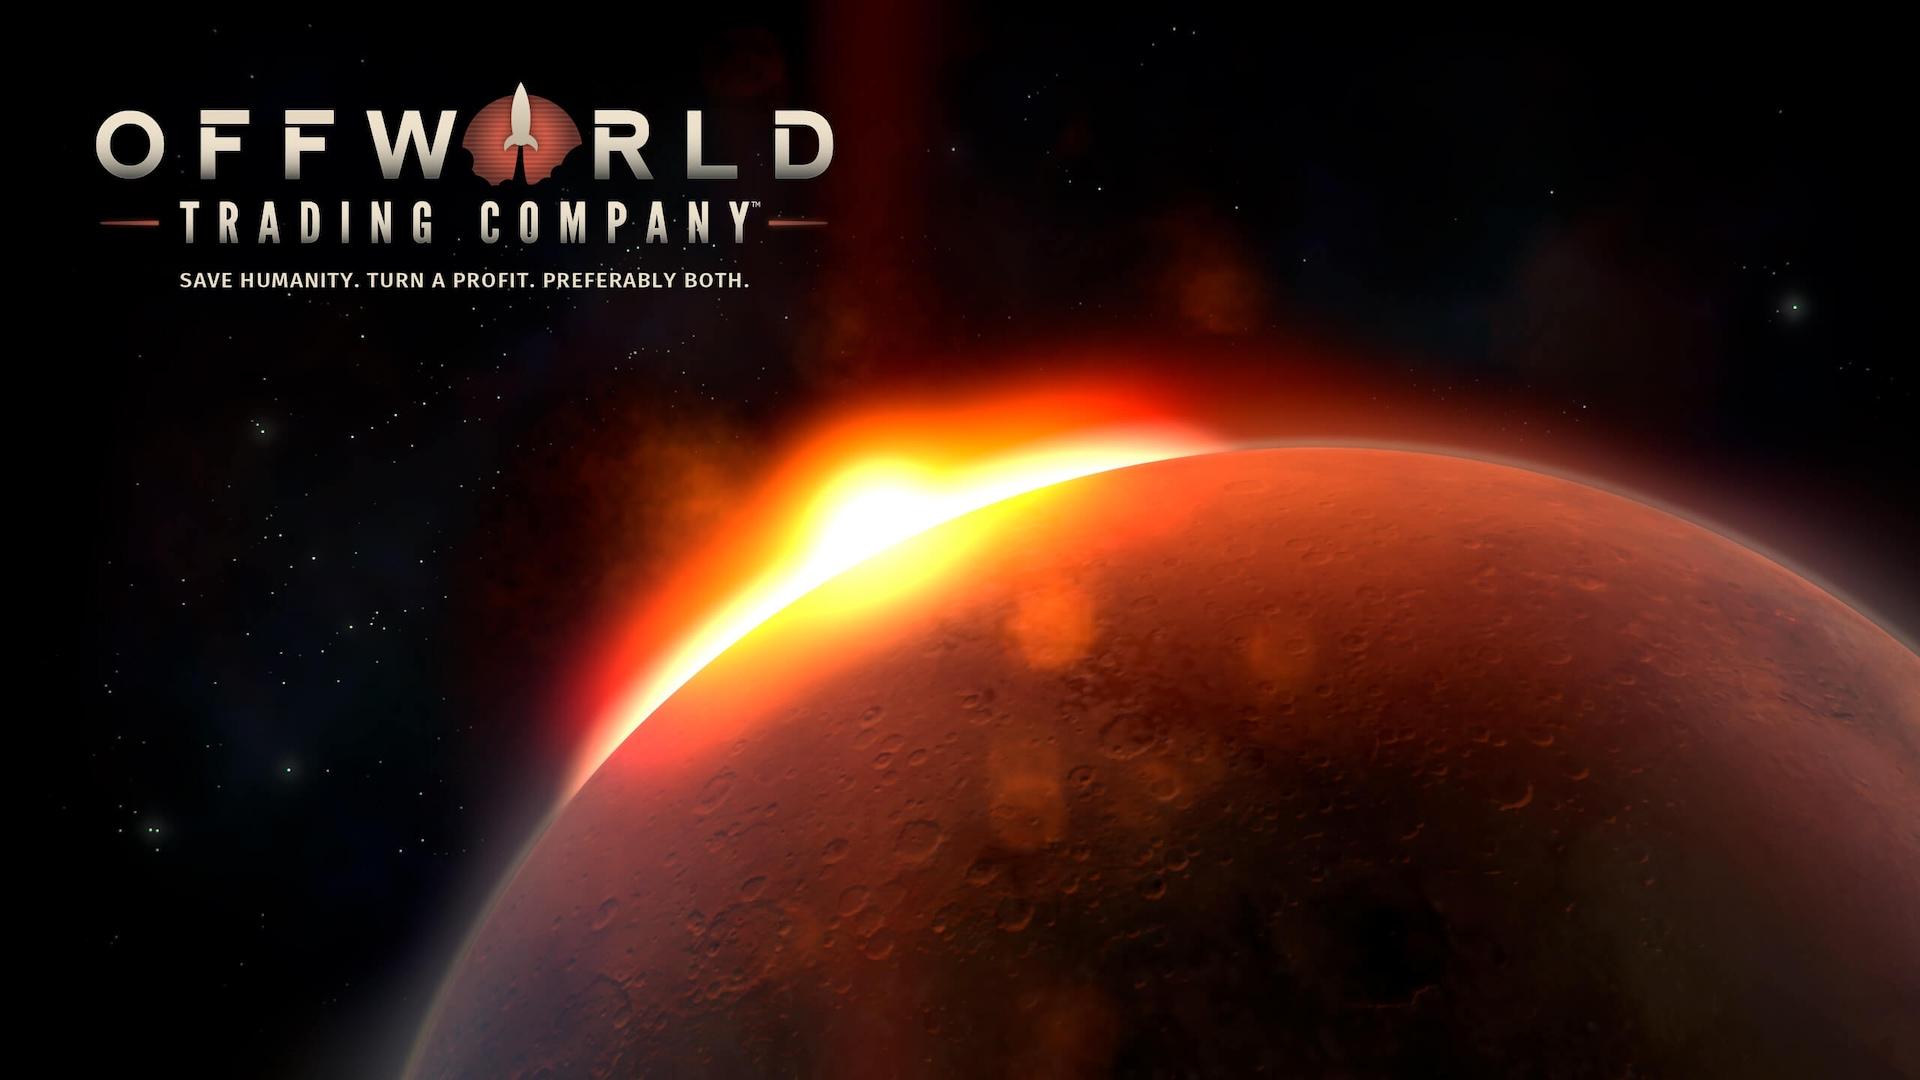 Inner Space está disponible gratis en la Epic Games Store, que descubre los próximos juegos gratuitos 1